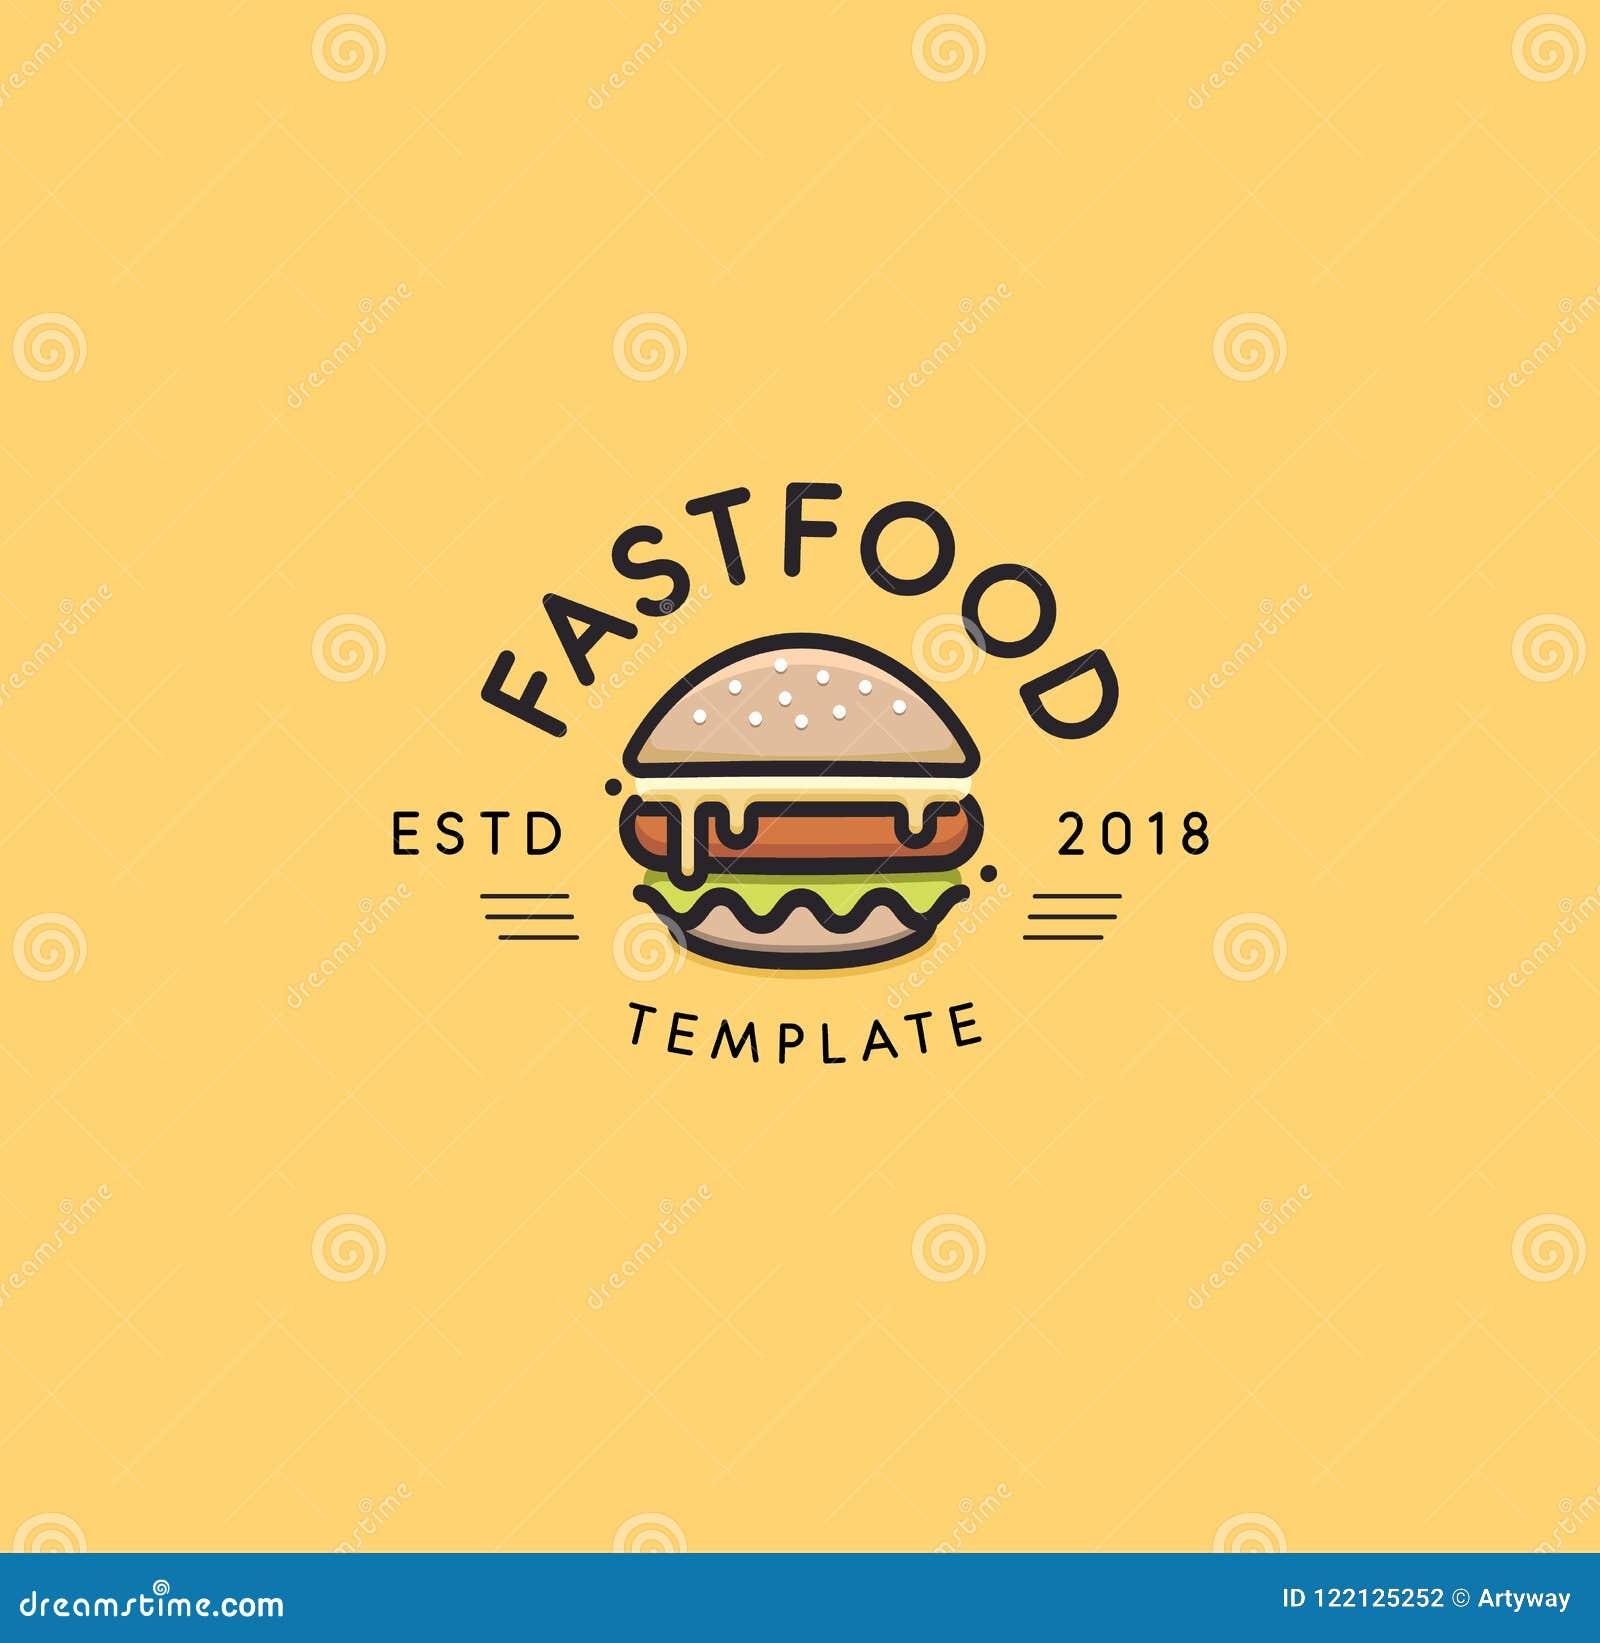 快餐传染媒介商标模板 热的汉堡设计 汉堡包标志 乳酪汉堡标志设计